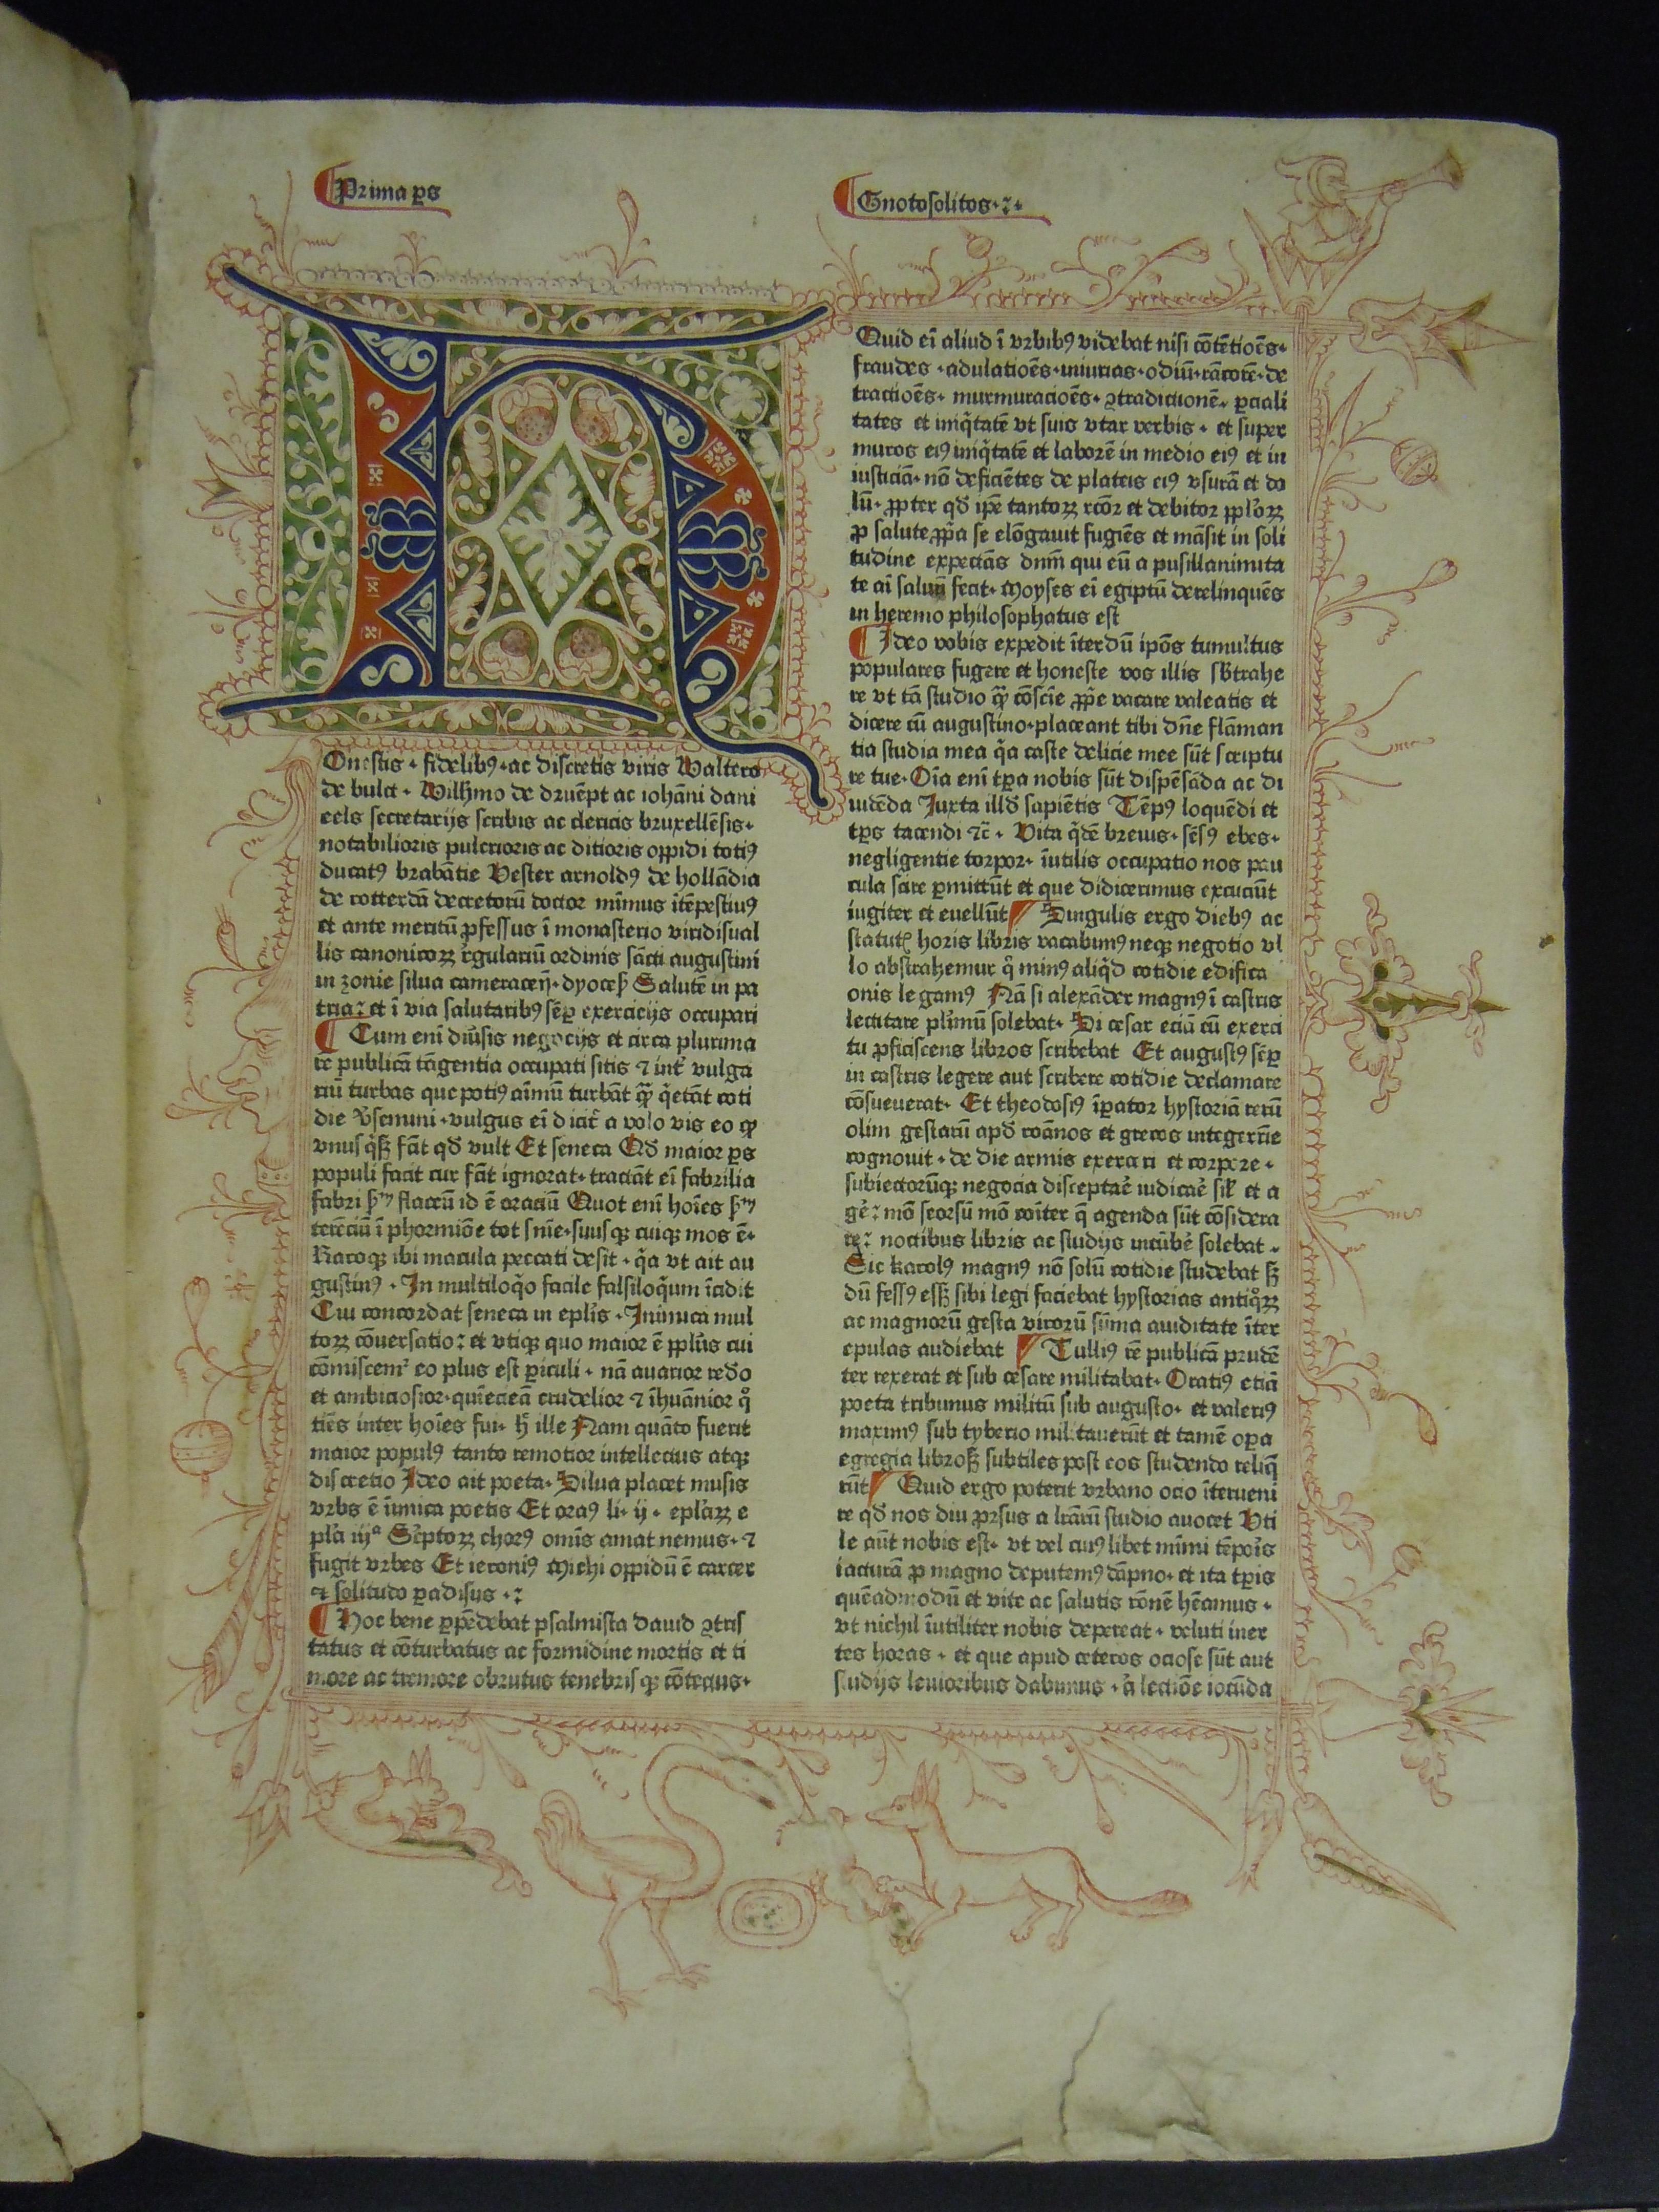 BT1.112.2, f.1r, Arnoldus de Geilhoven's Gnotosolitos, sive Speculum conscientiae, 1476